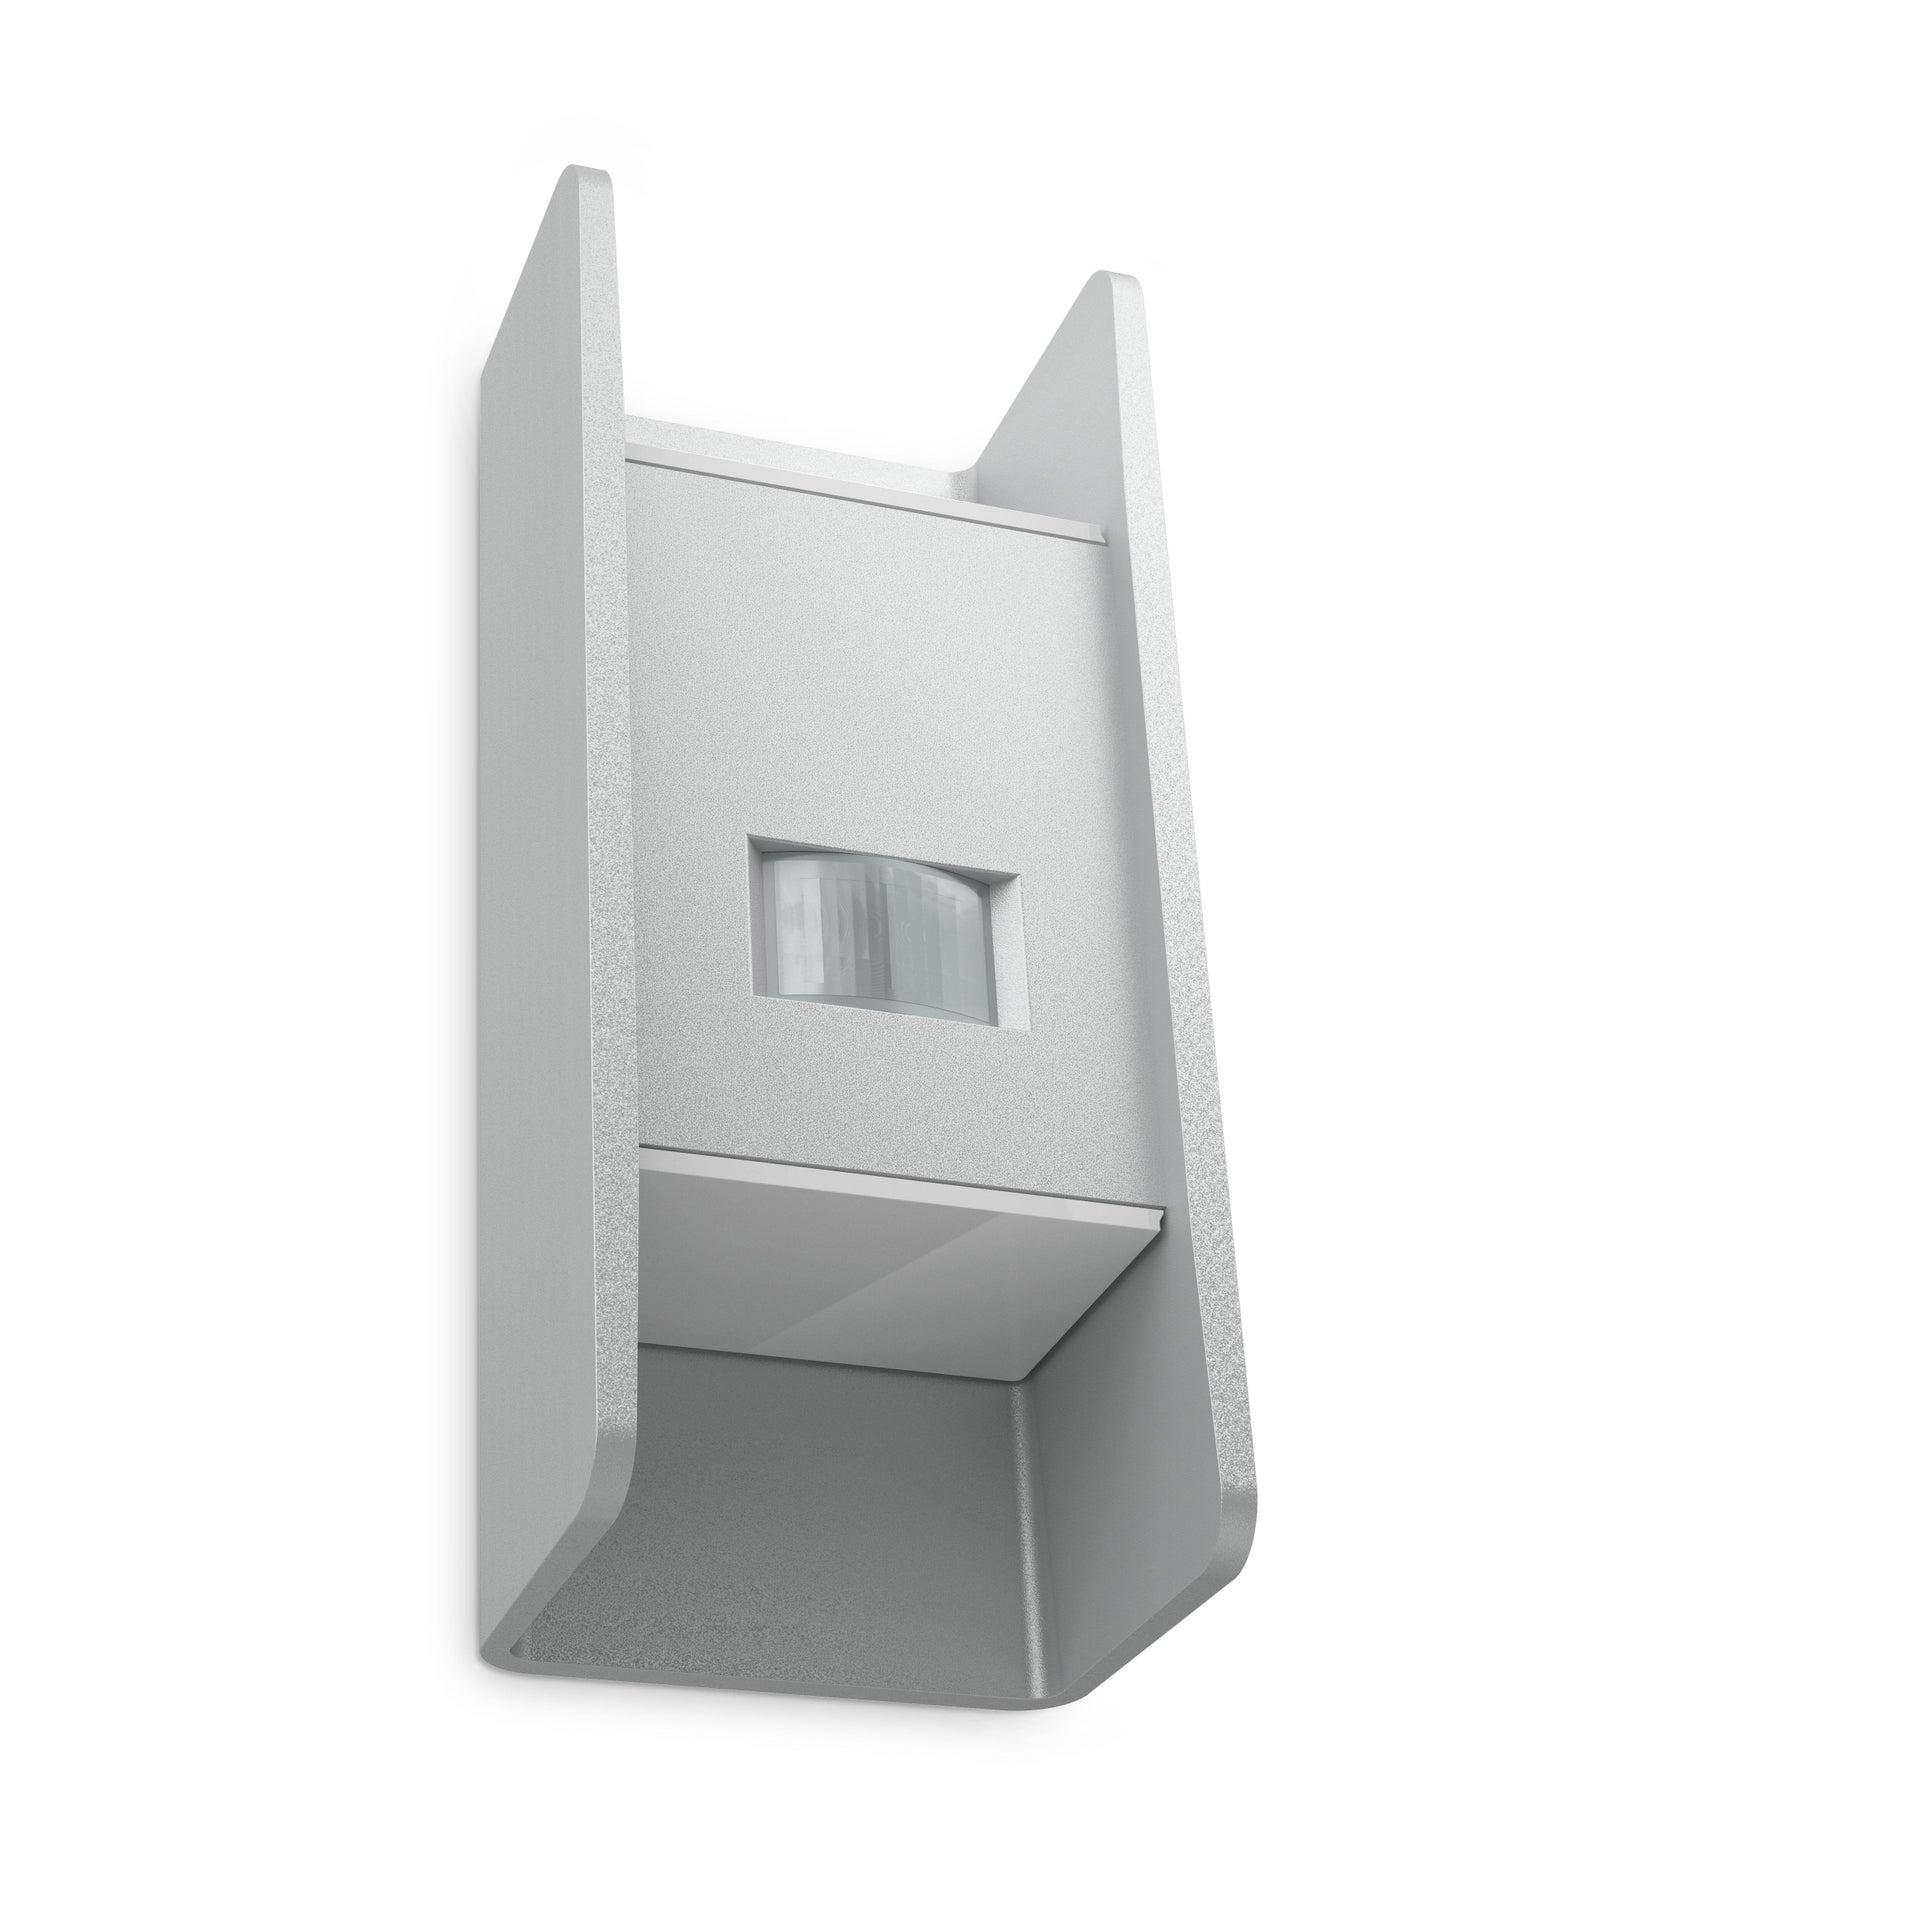 Applique L 920 LED integrato con sensore di movimento, grigio, 10W 516LM IP44 STEINEL - 4